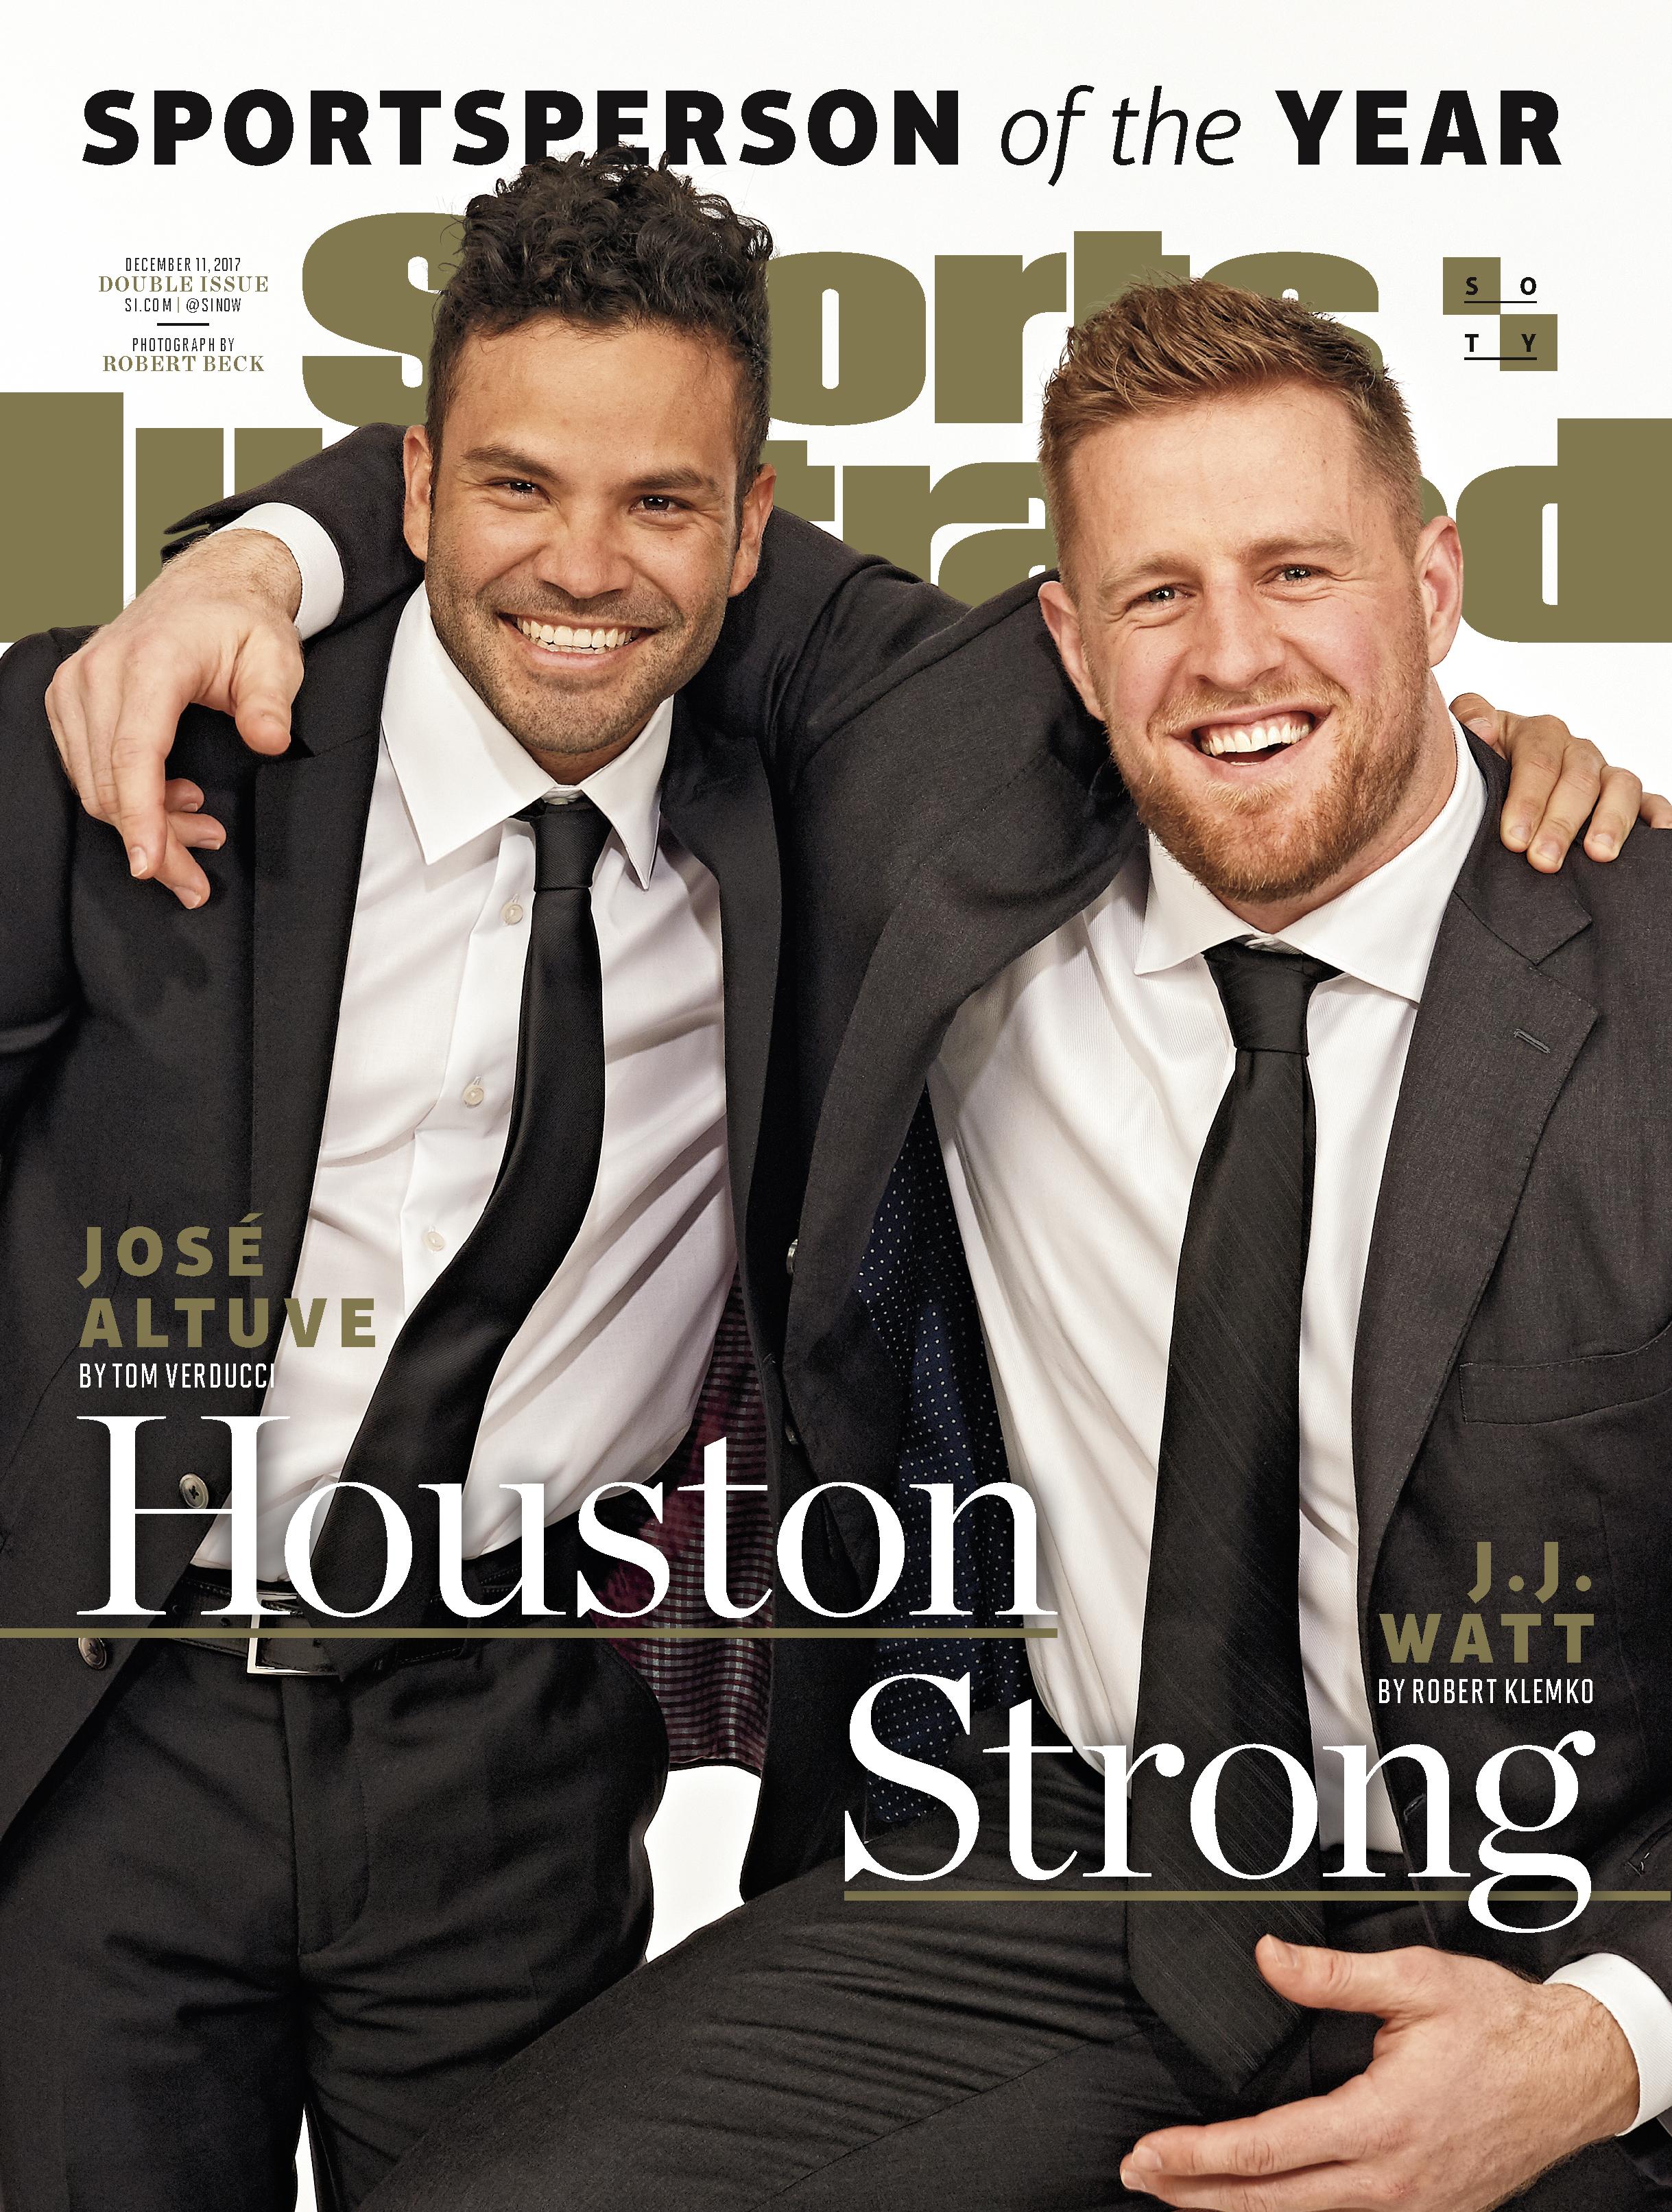 Deportista del Año de Sports Illustrated: José Altuve y J.J. Watt